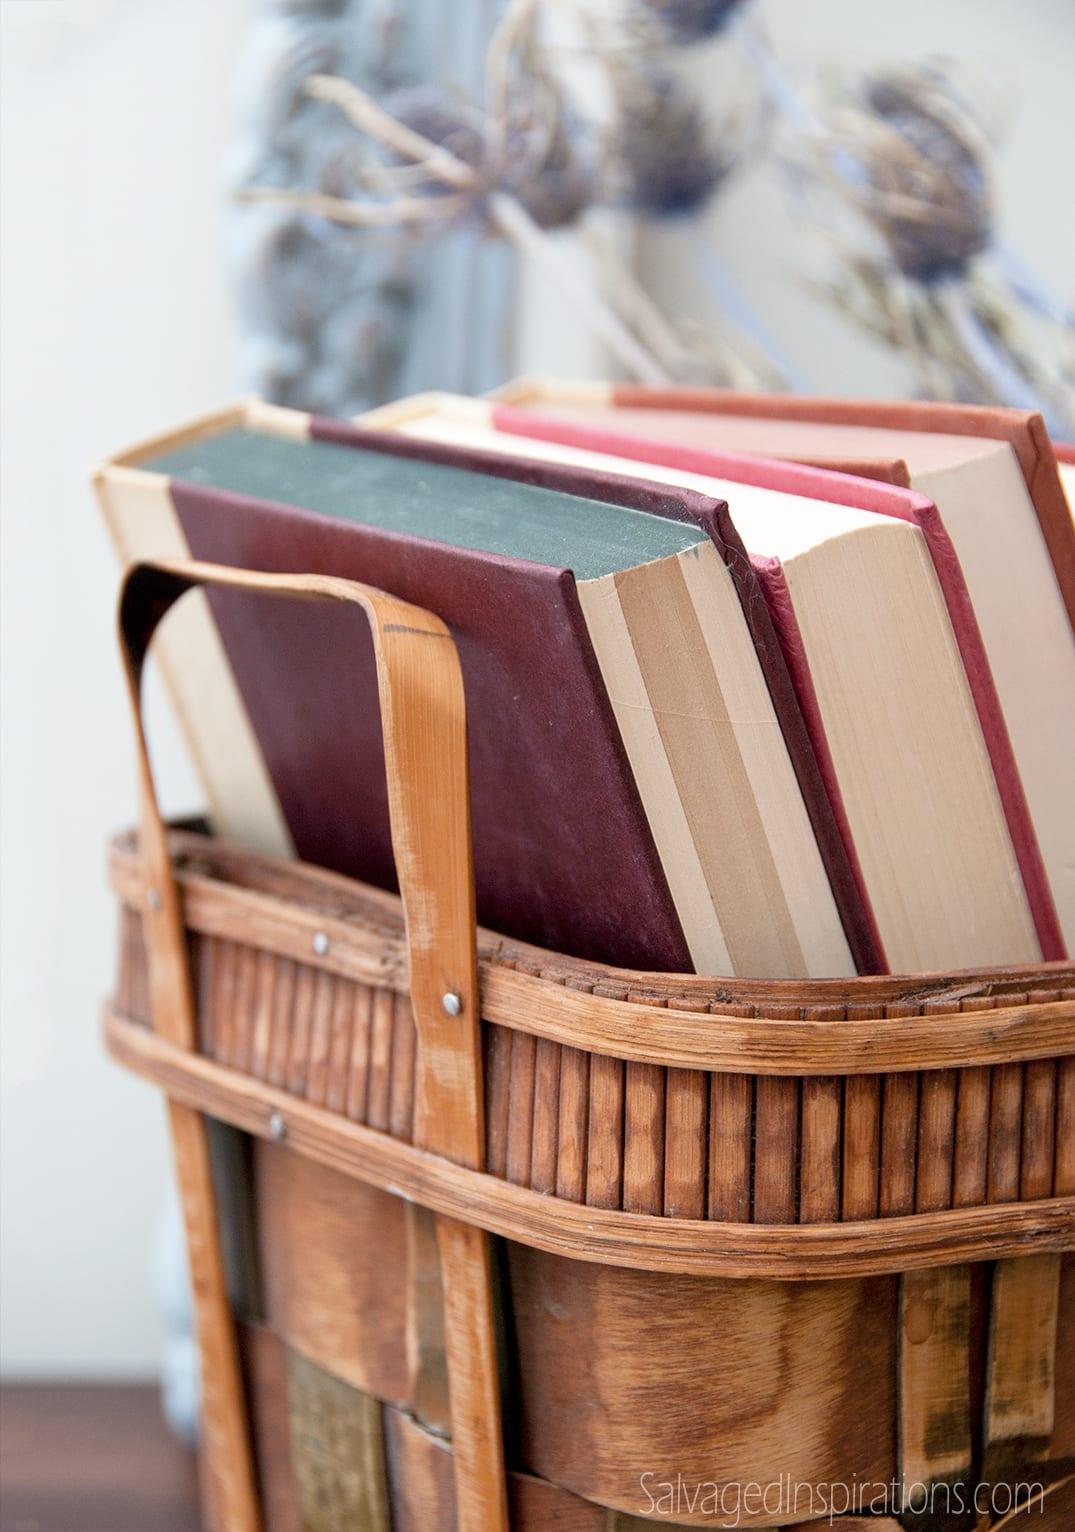 BooksInBasket